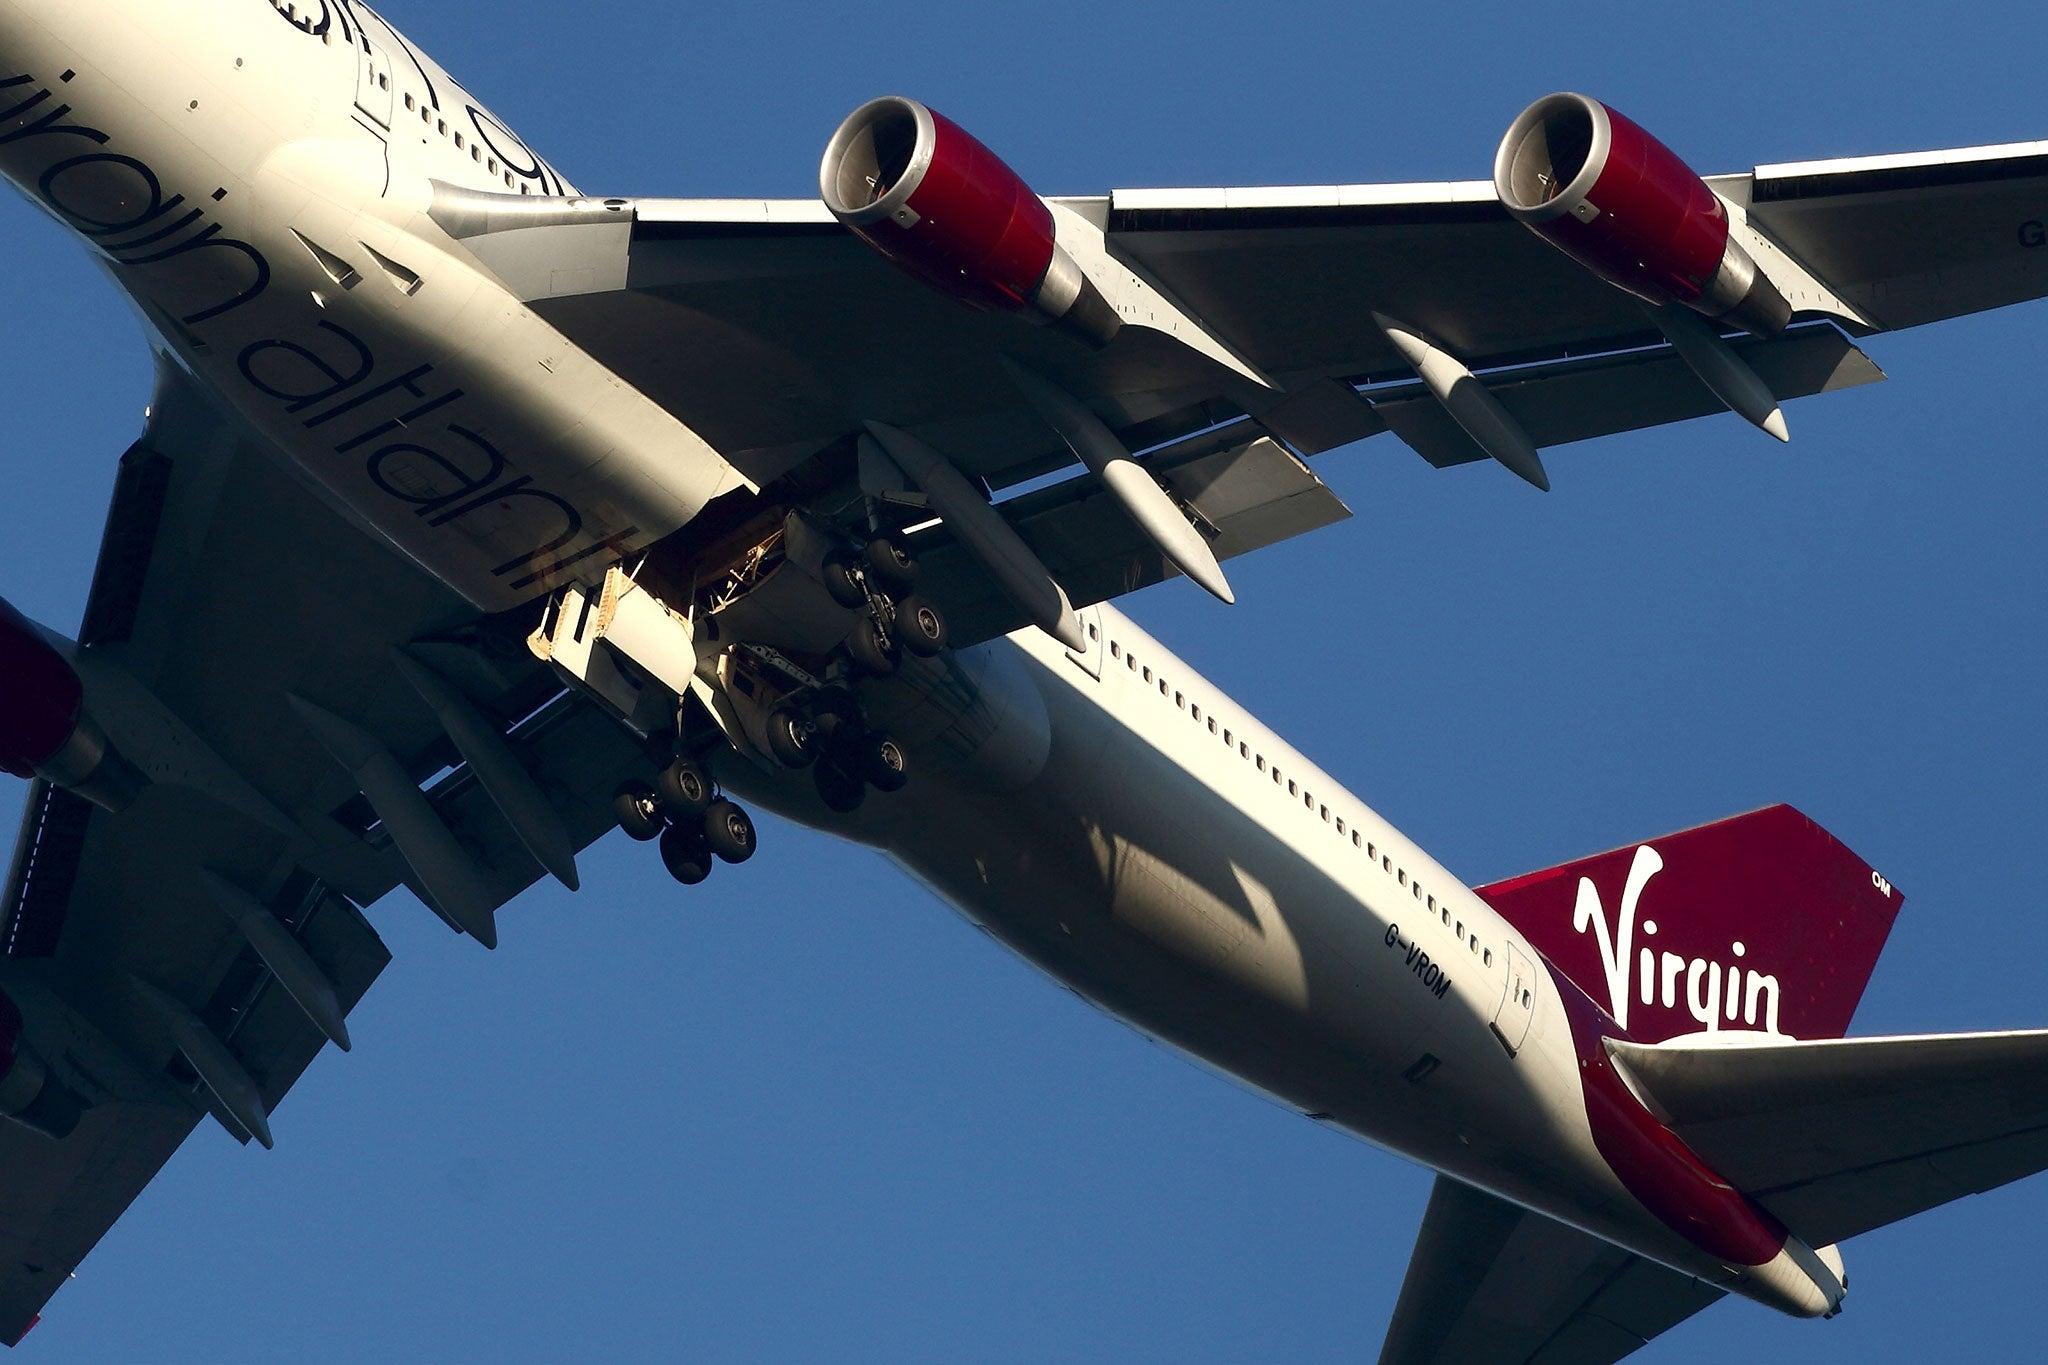 Virgin Atlantic Flight VS43 Q&A: How close did the aircraft